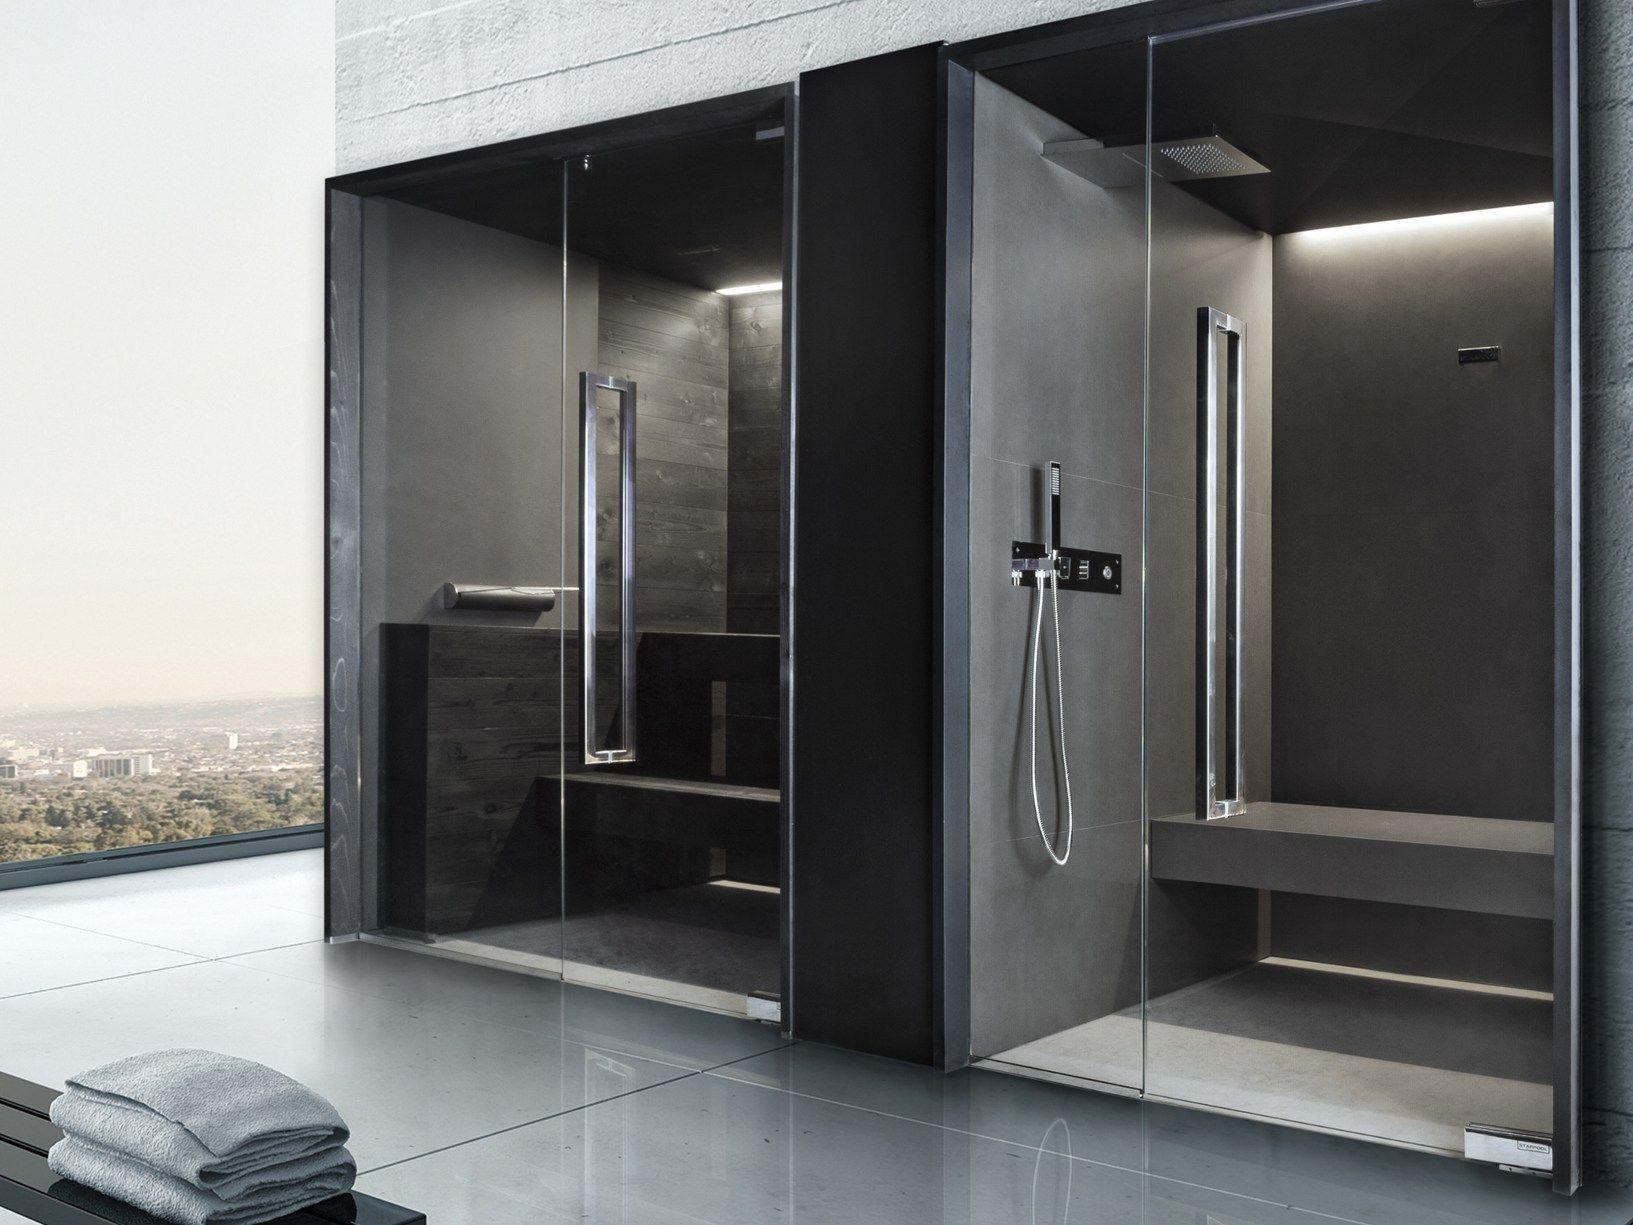 Sauna e bagno turco dallo stile urban ed essenziale - Differenza sauna bagno turco ...